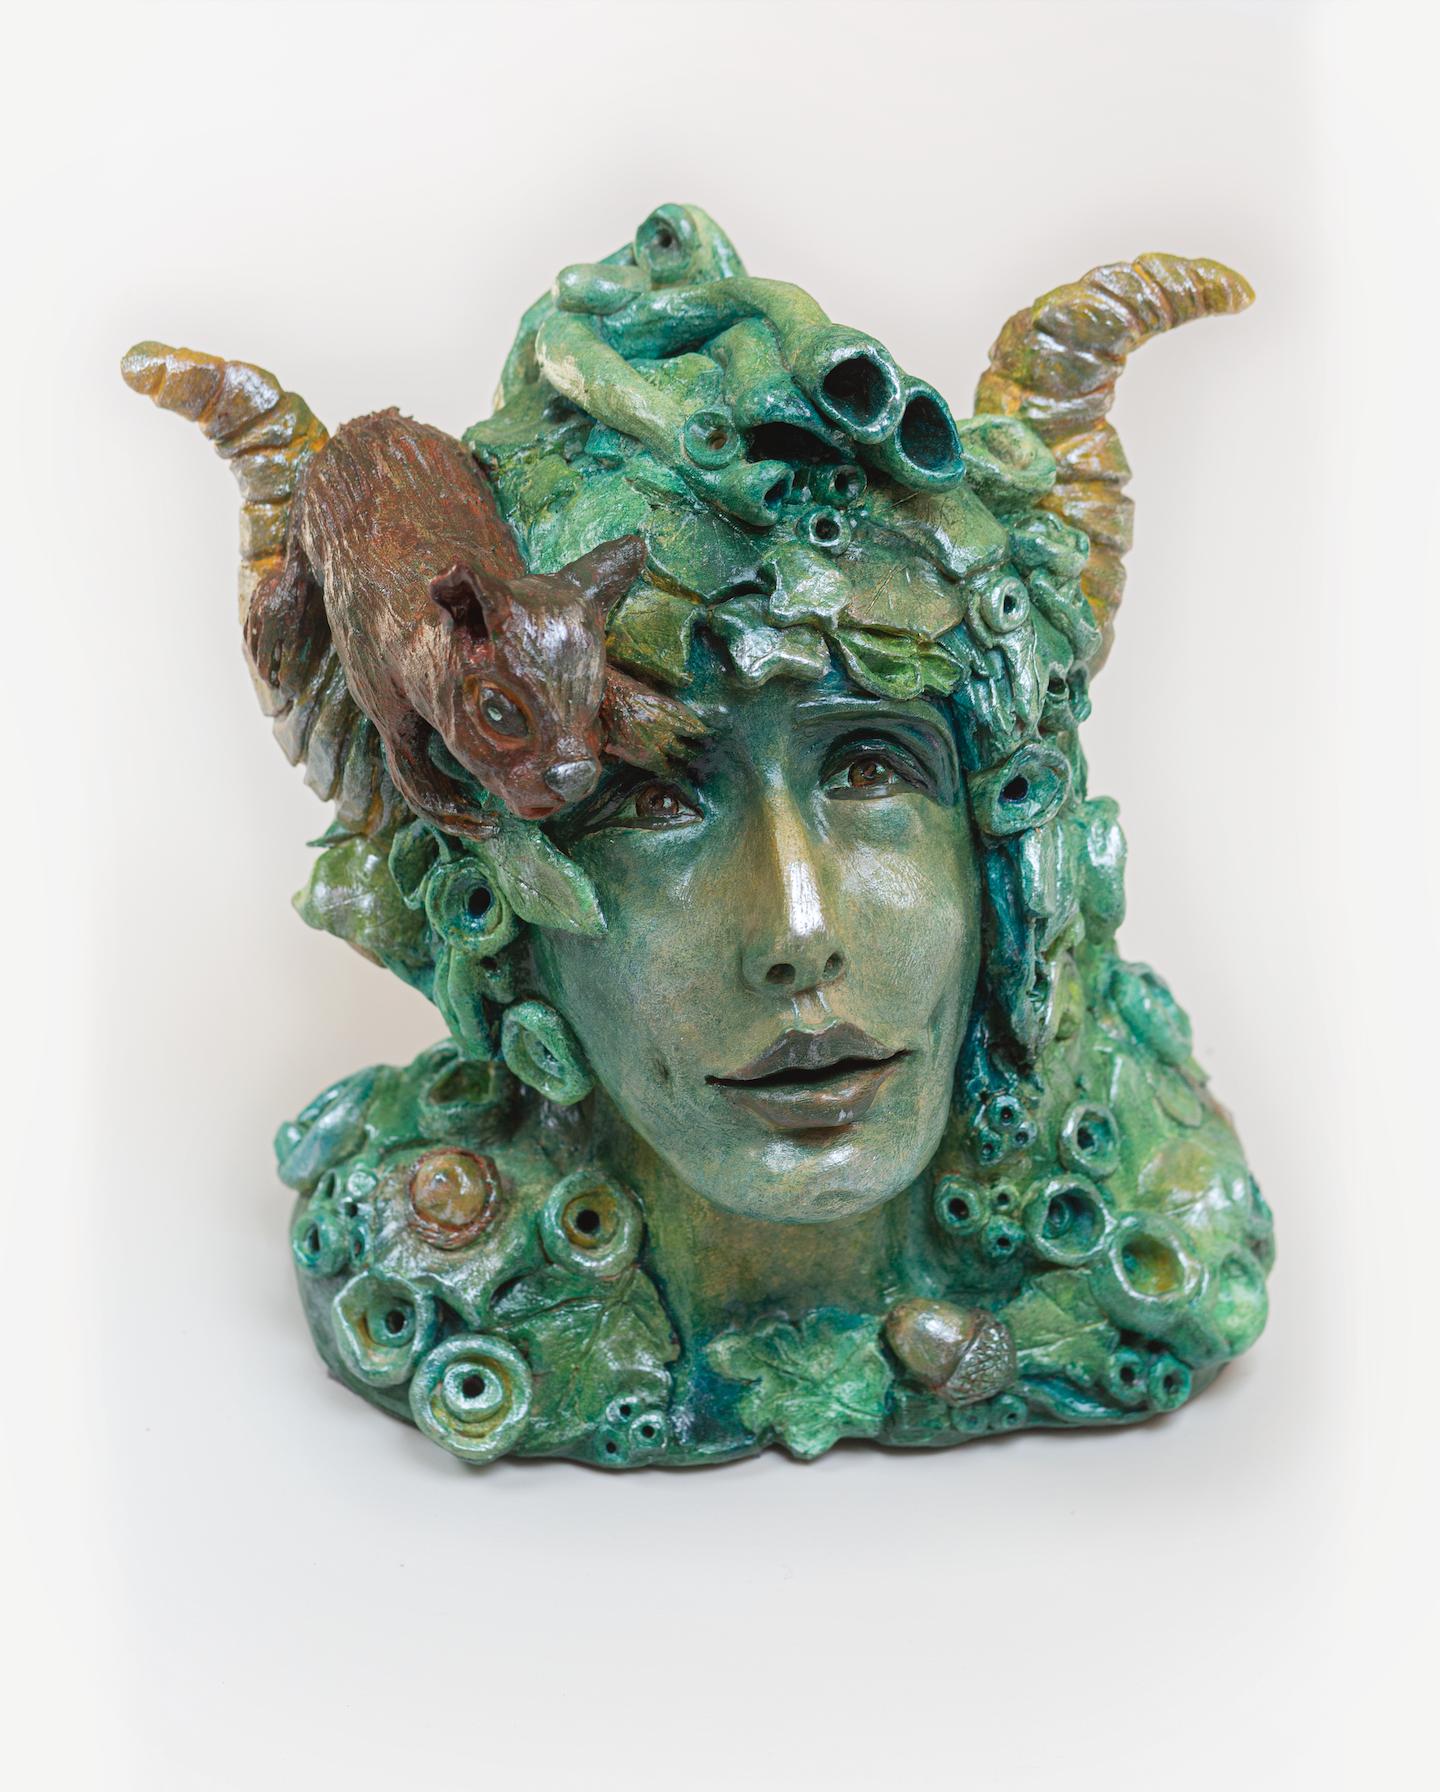 Marij Heiligers - Bosnimf - Toon je Kunst